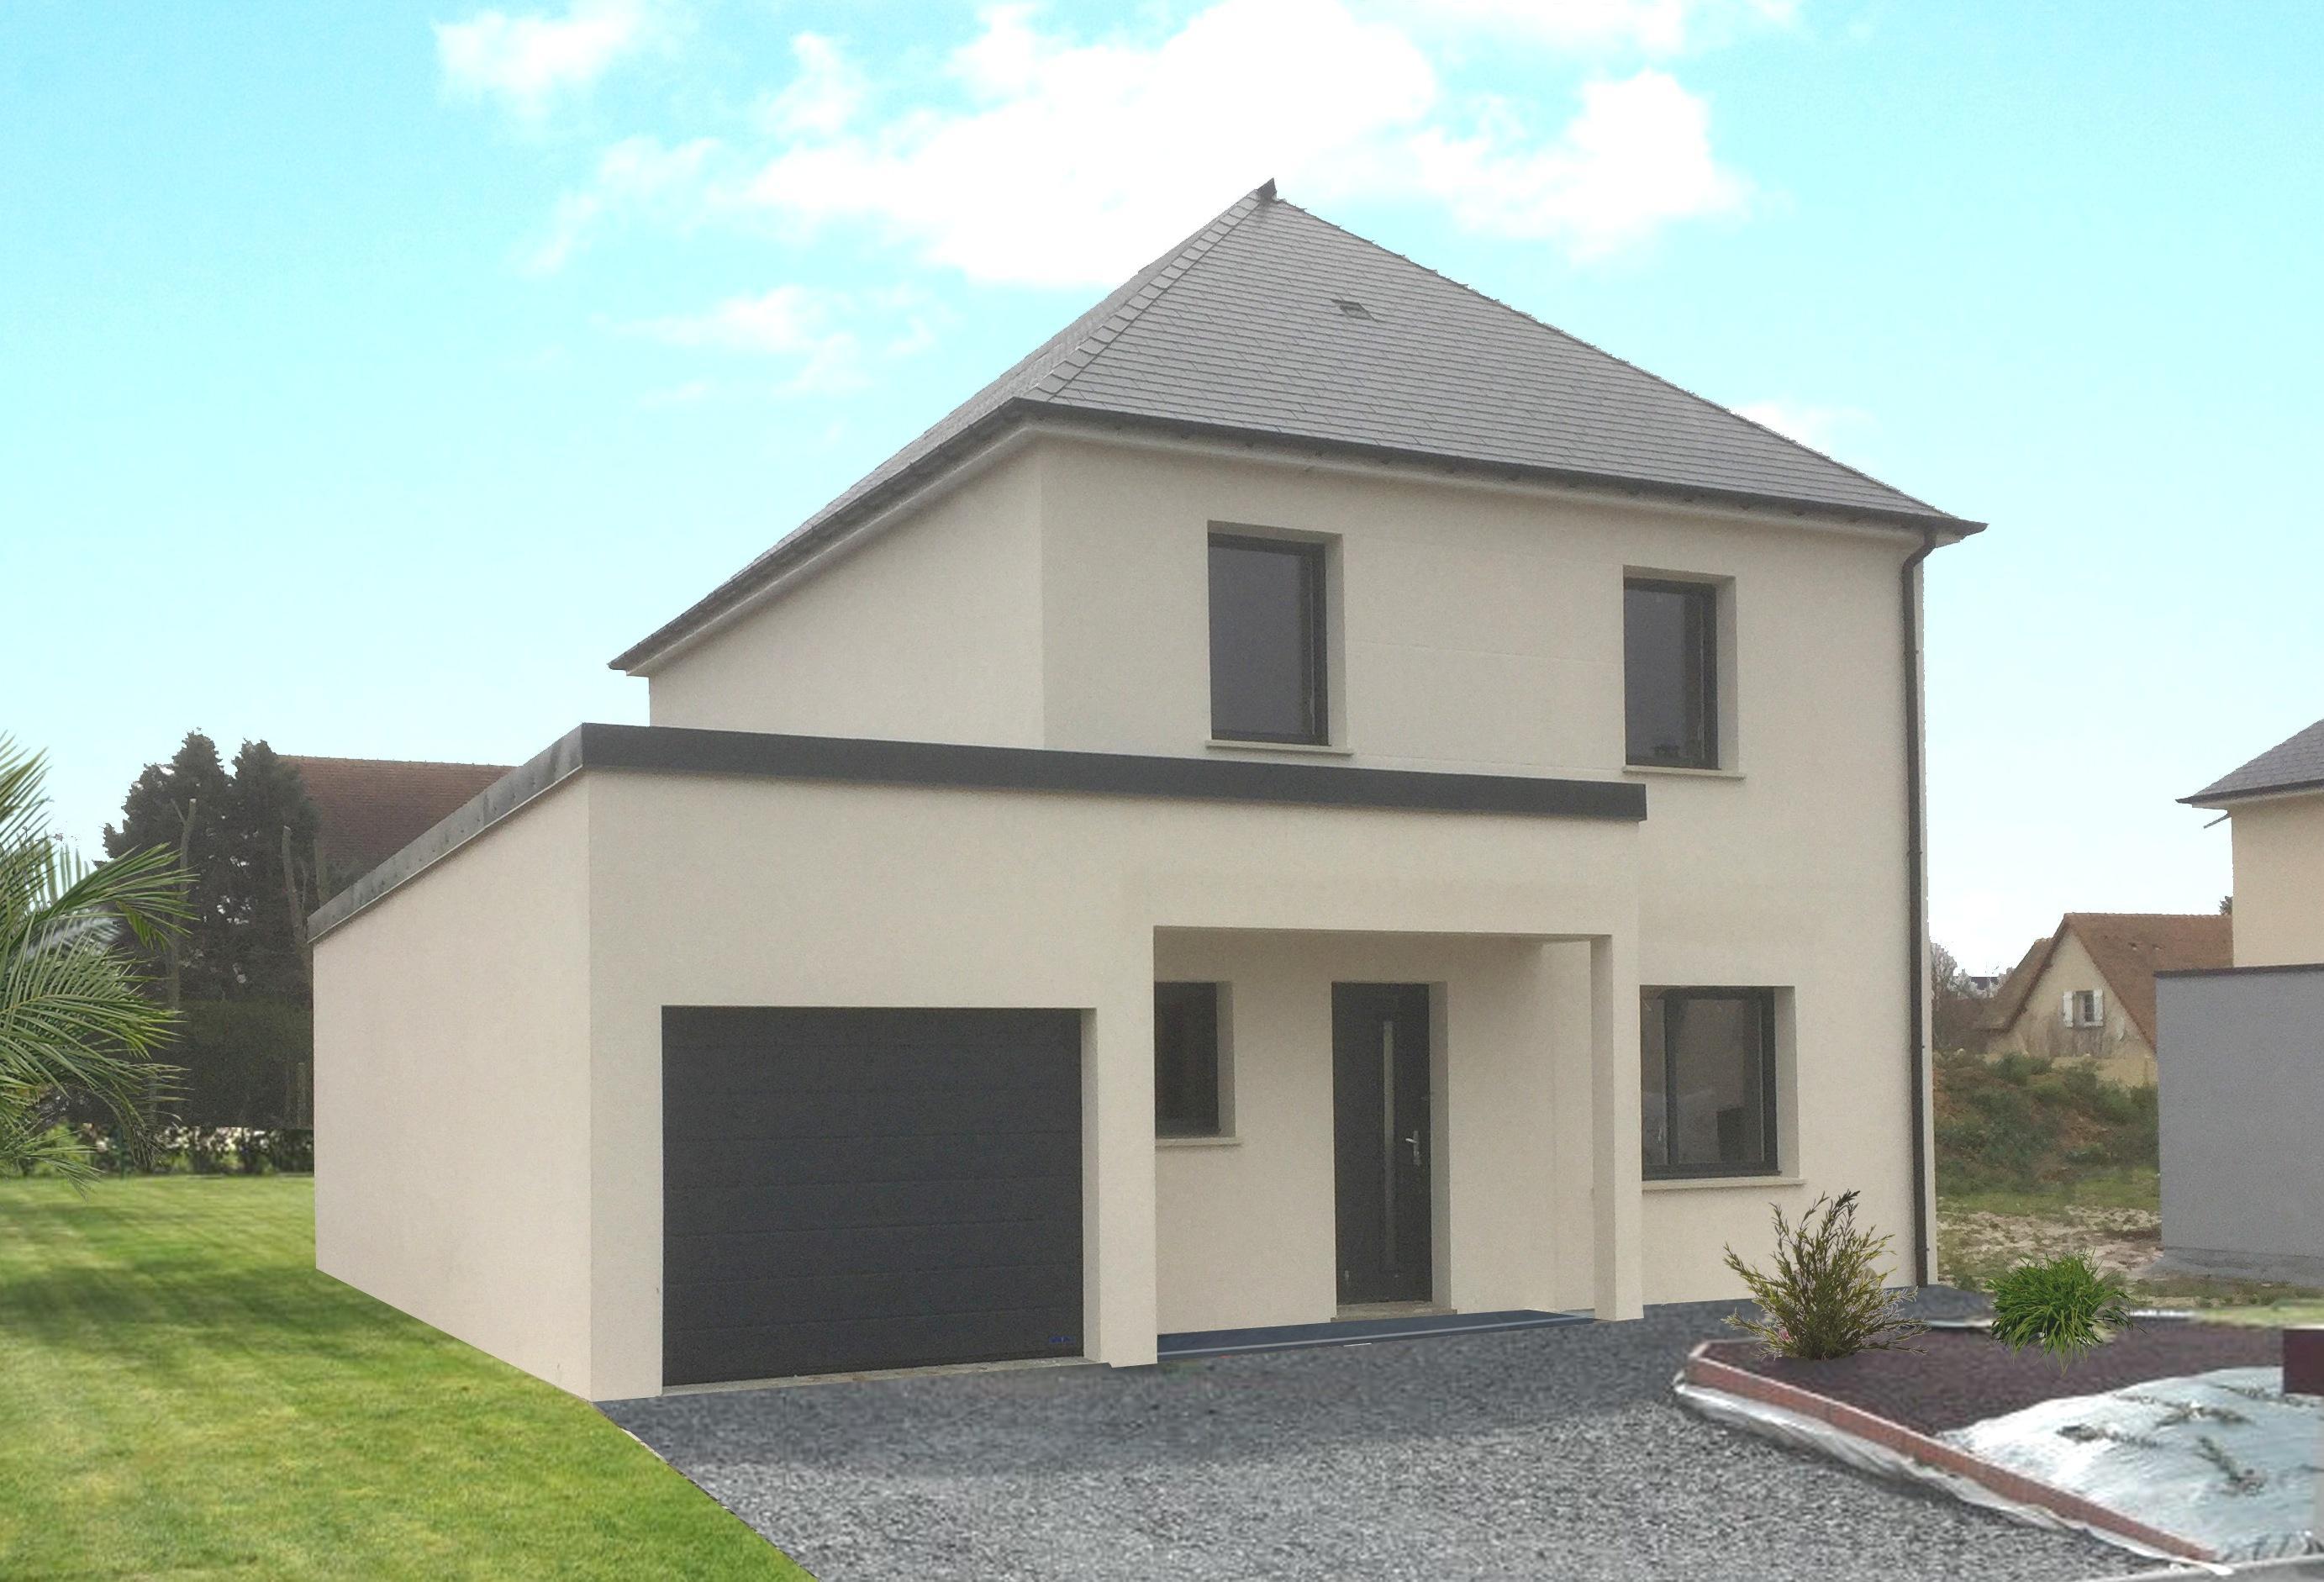 Maisons + Terrains du constructeur MAISON FAMILIALE • 103 m² • SAINS EN GOHELLE